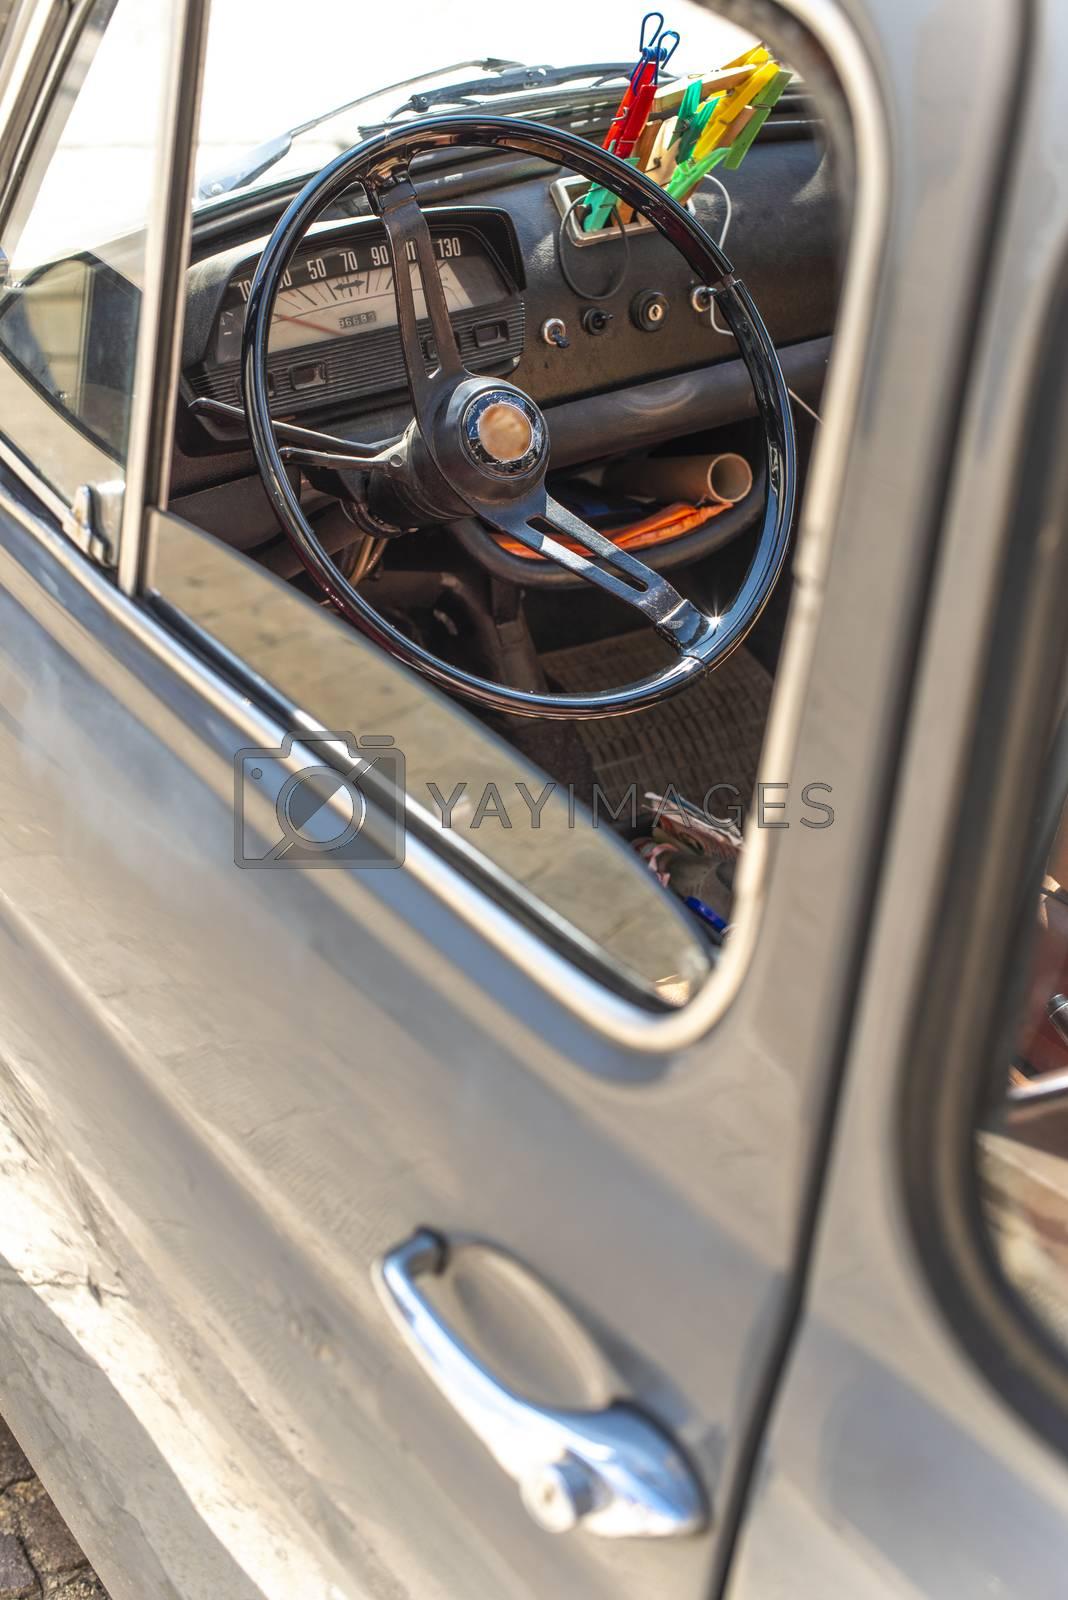 Steering wheel on vintage car. View from the door window. Opened window on old vintage car.